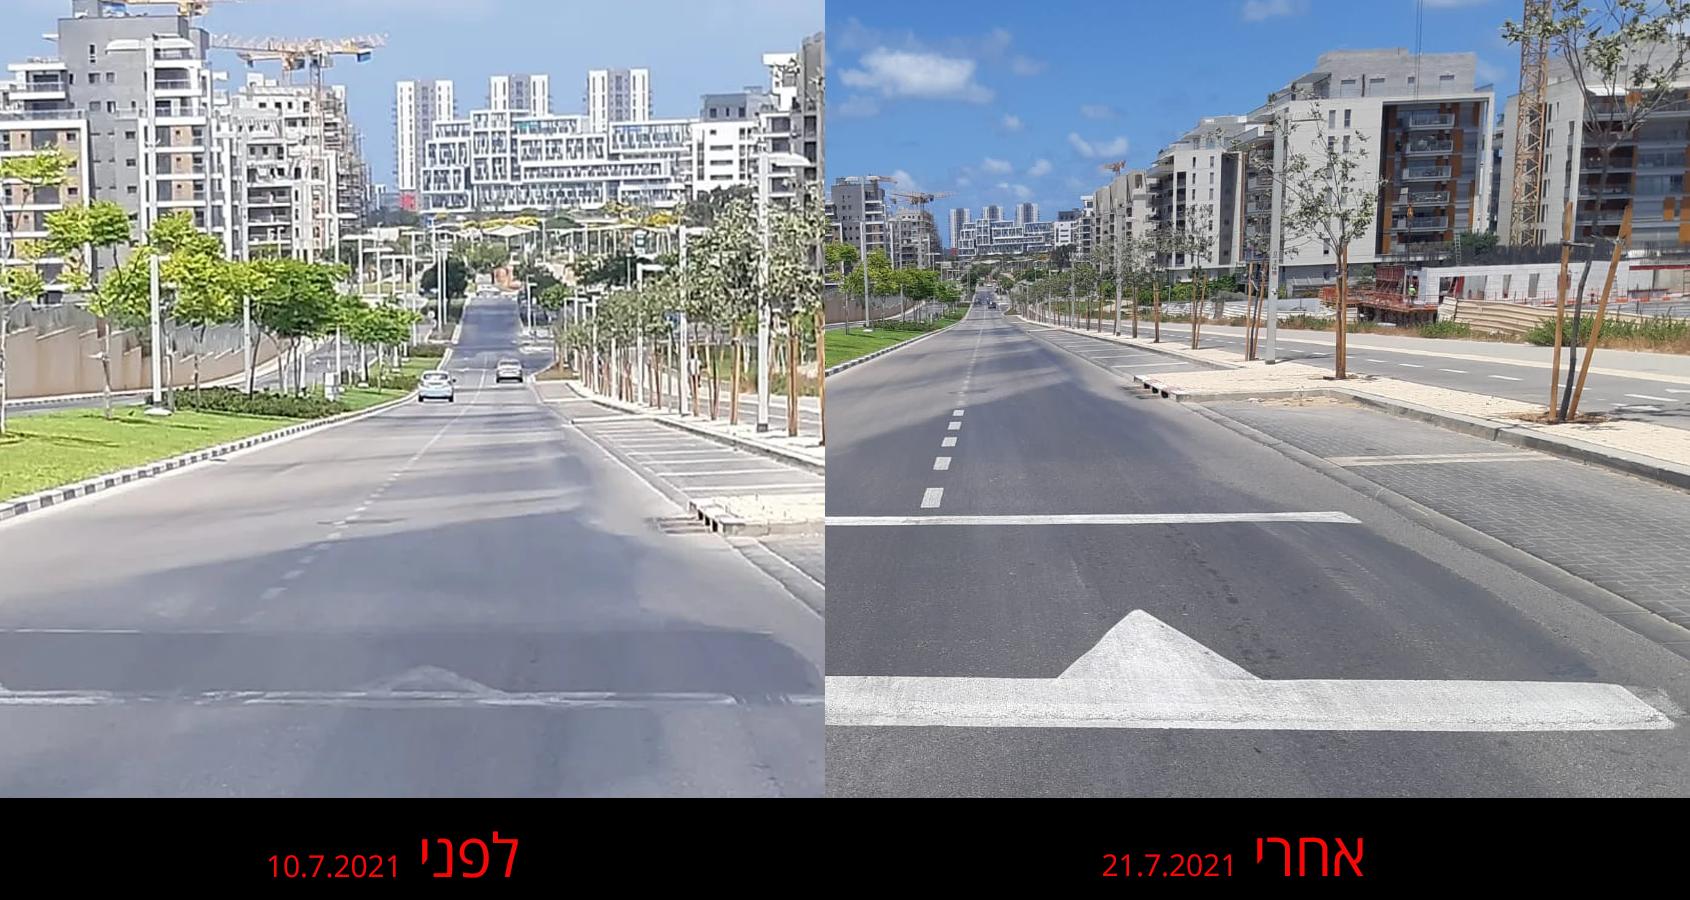 צביעת פסי ההאטה בכביש המרכזי בגליל ים. רחוב שולמית (שולה) קישיק-כהן . לפני ואחרי